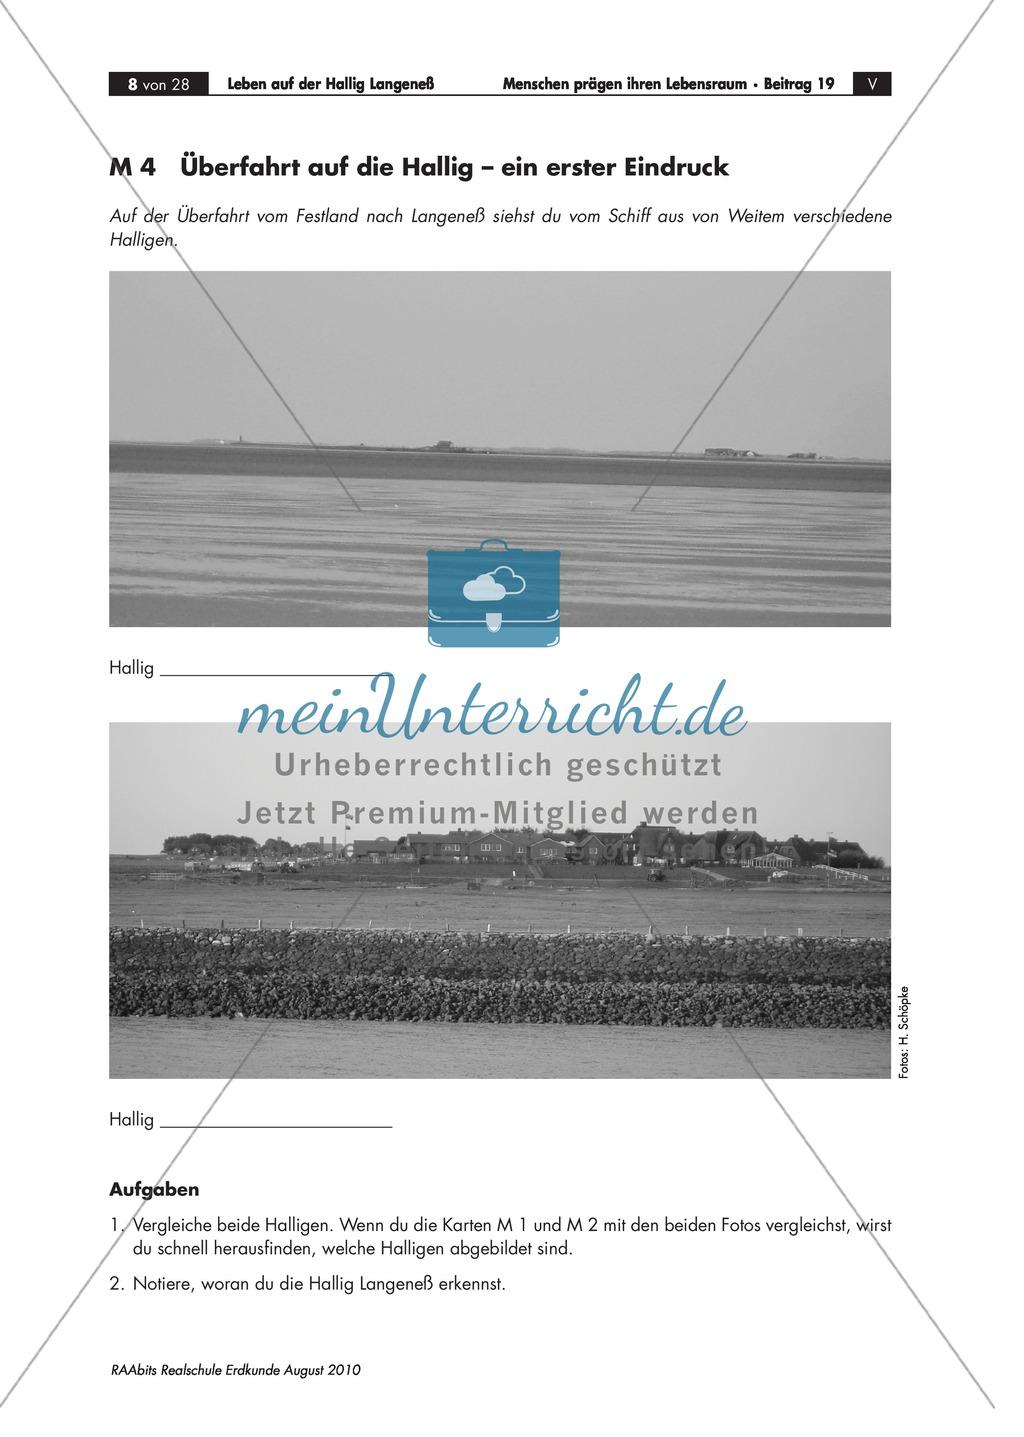 Die Hallig Langeneß: Orientierung und Anreise + allgemeine Merkmale von Halligen Preview 4